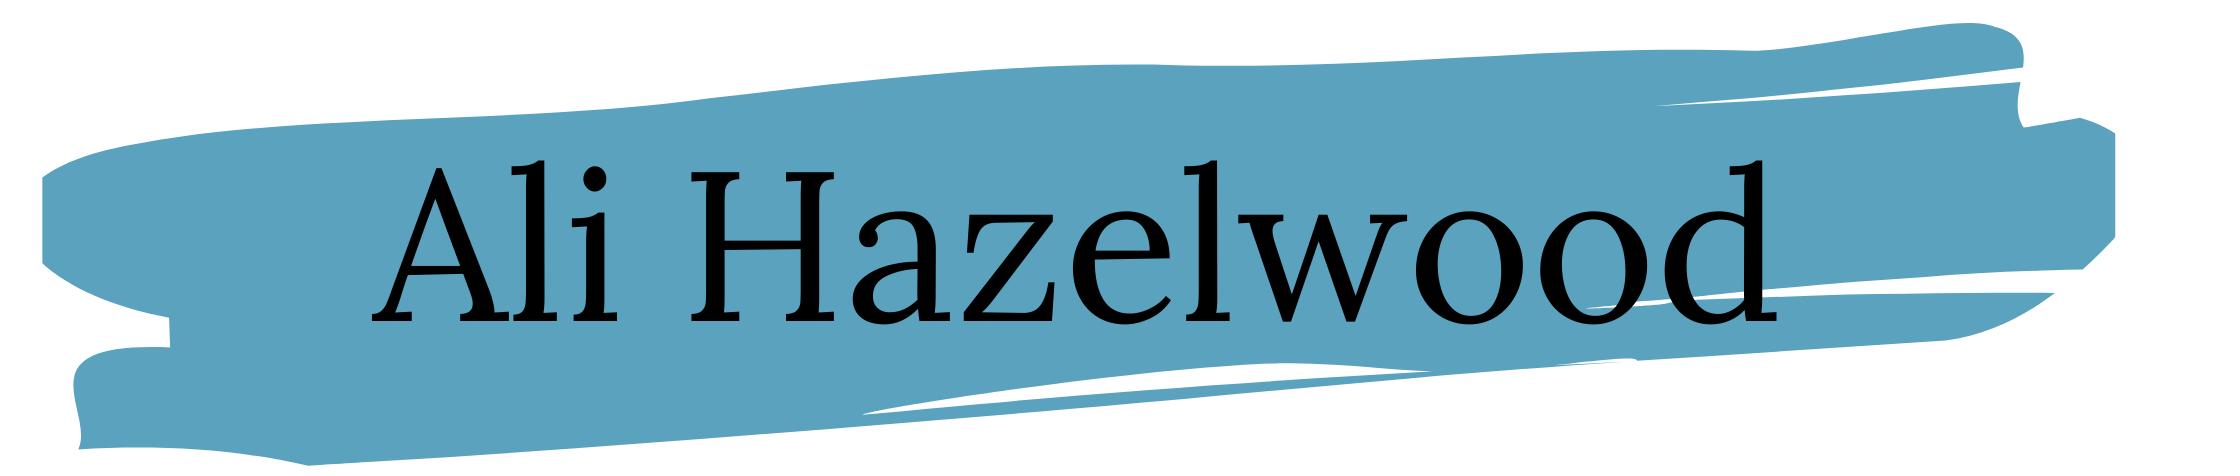 Ali Hazelwood